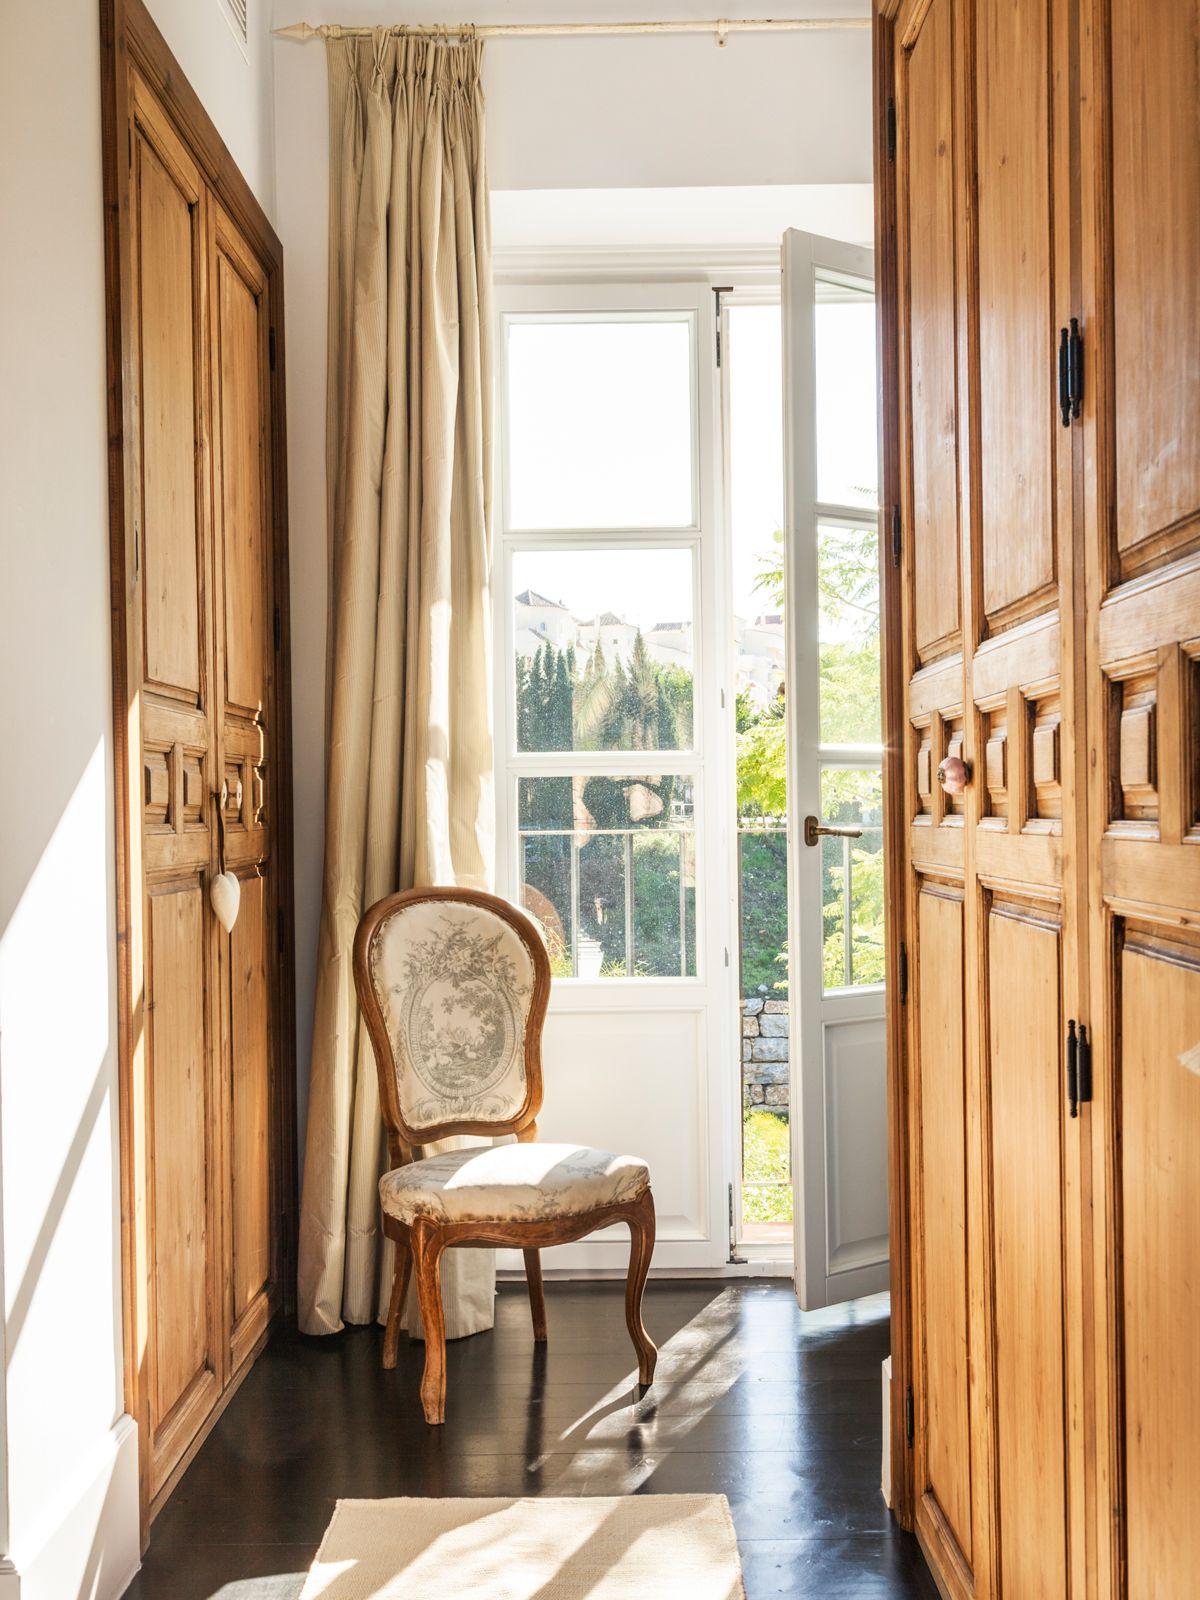 Vestidor con puertas de madera antiguas, silla y ventana (00424488 ...